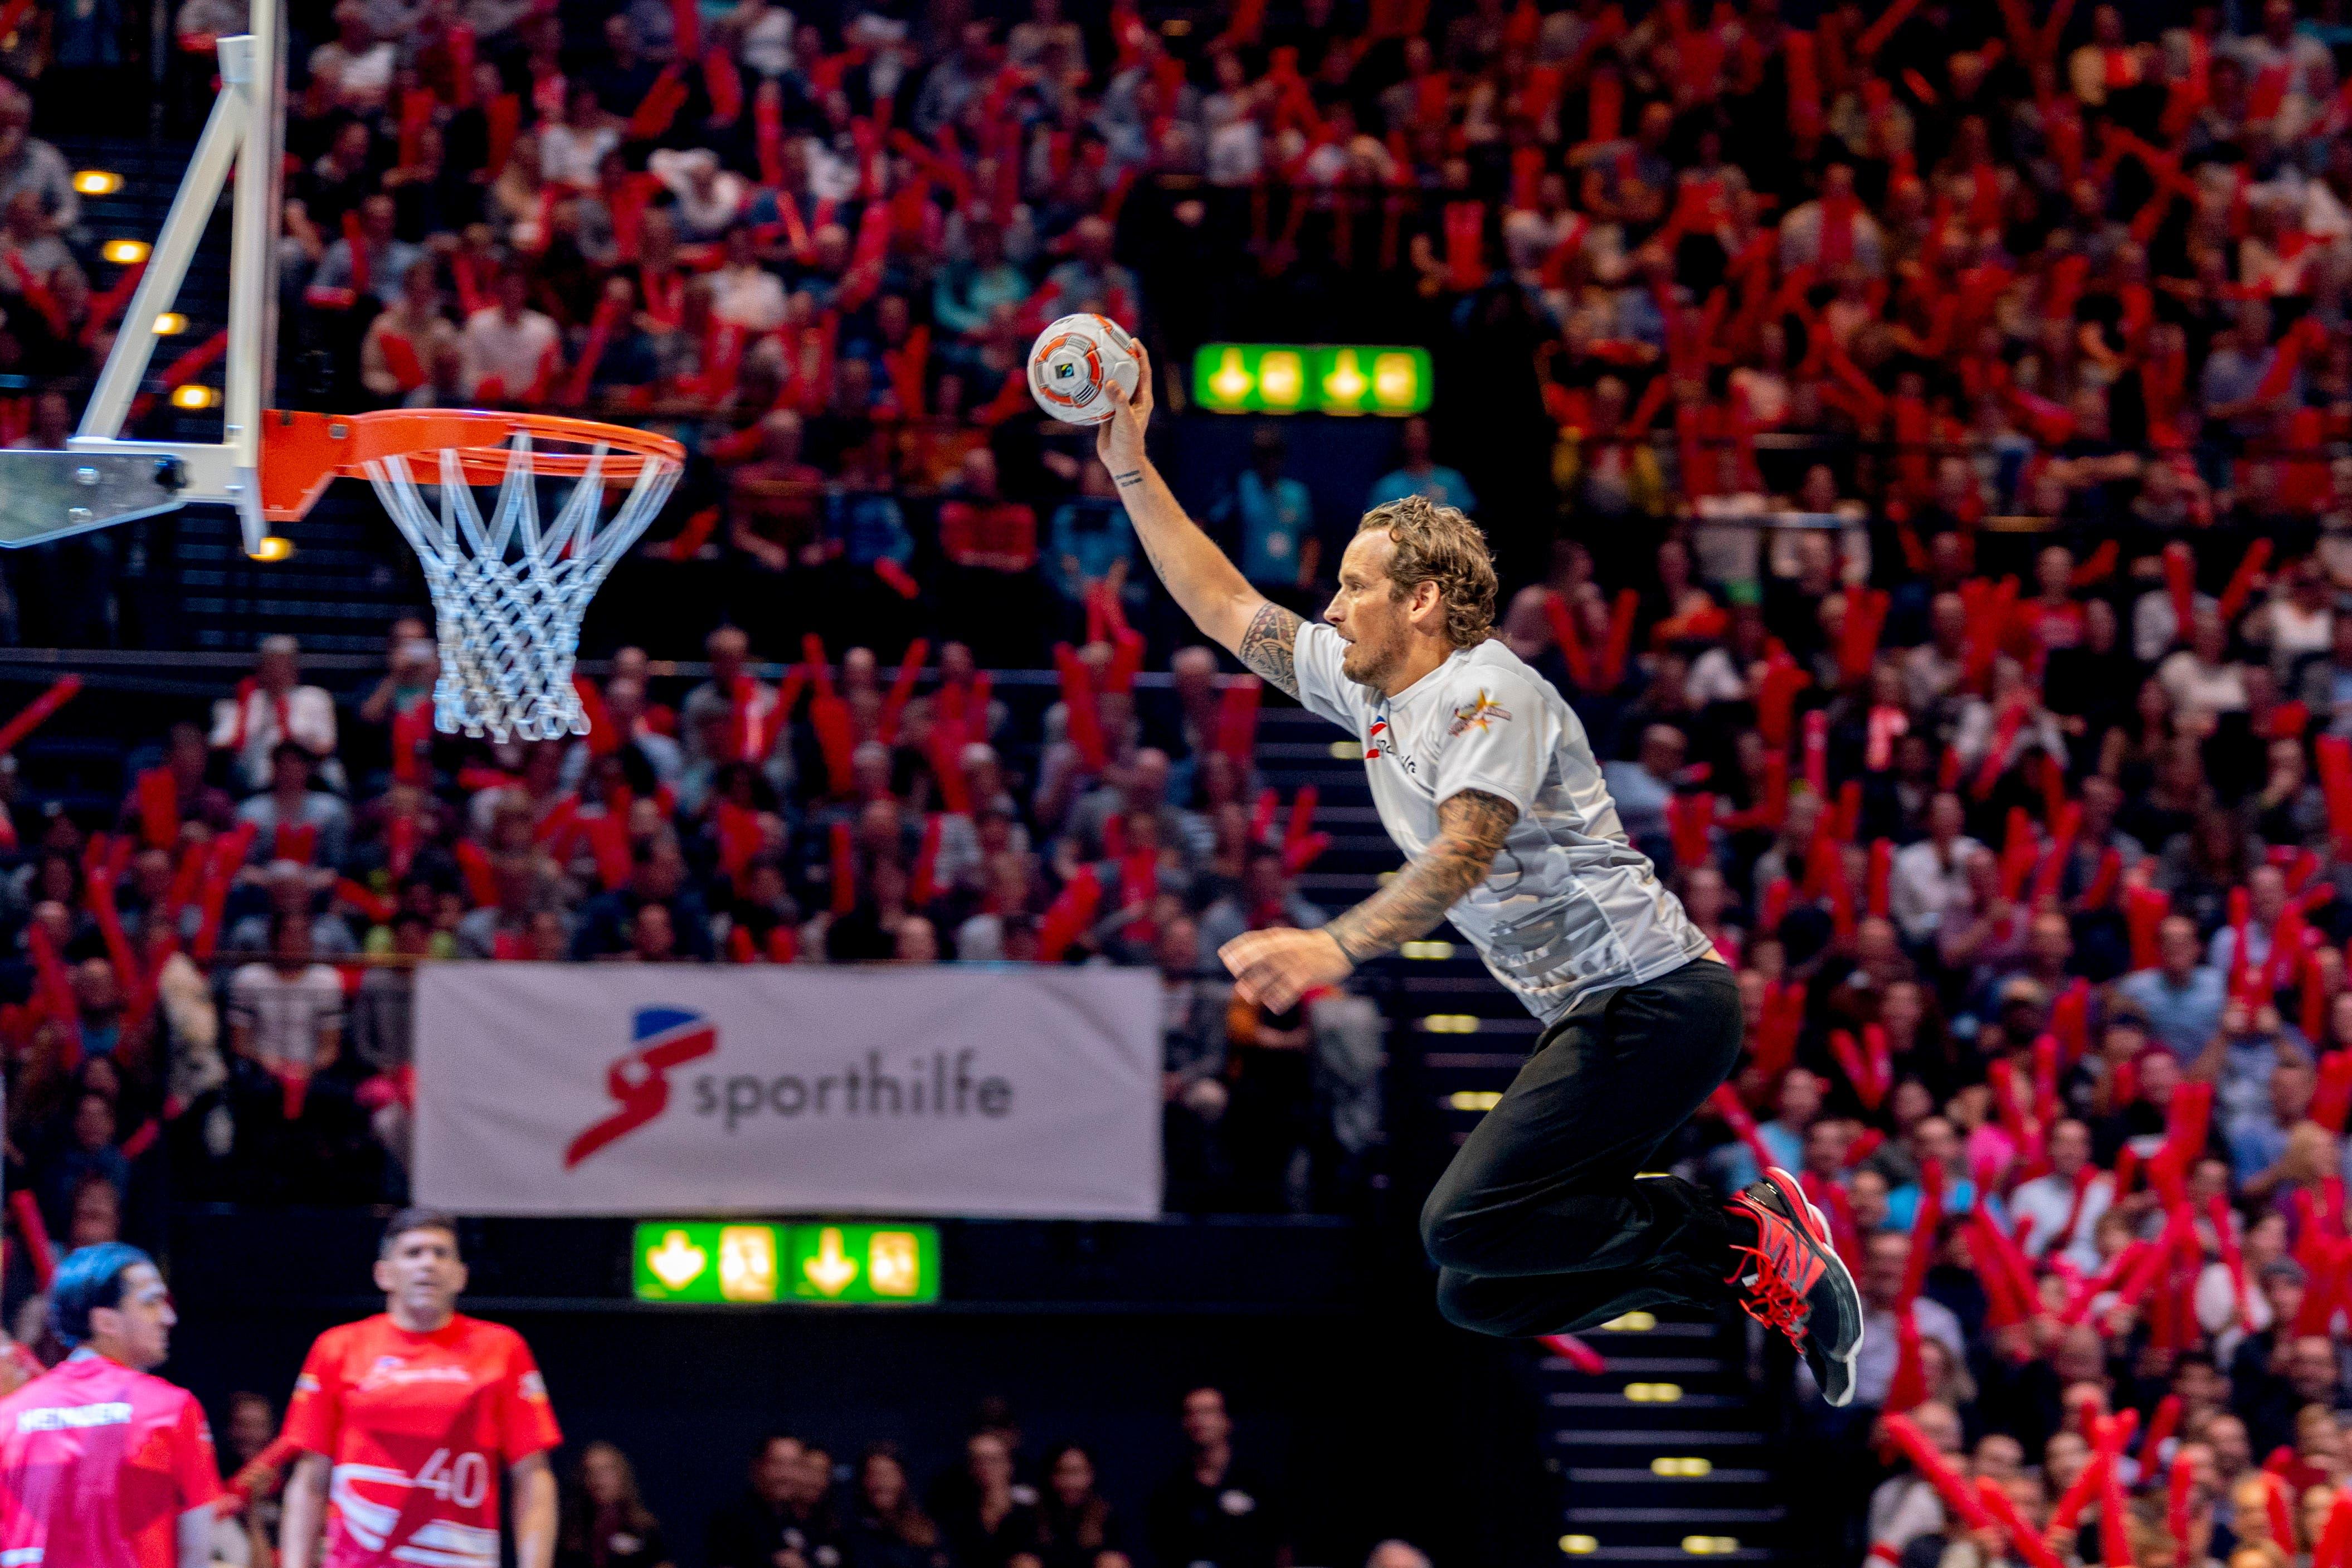 Auch Basketball wird gespielt: Patrick Fischer, Trainer der Schweizer Nationalmannschaft. (Bild: Nick Soland/ Keystone (Zürich, 2. November 2018))